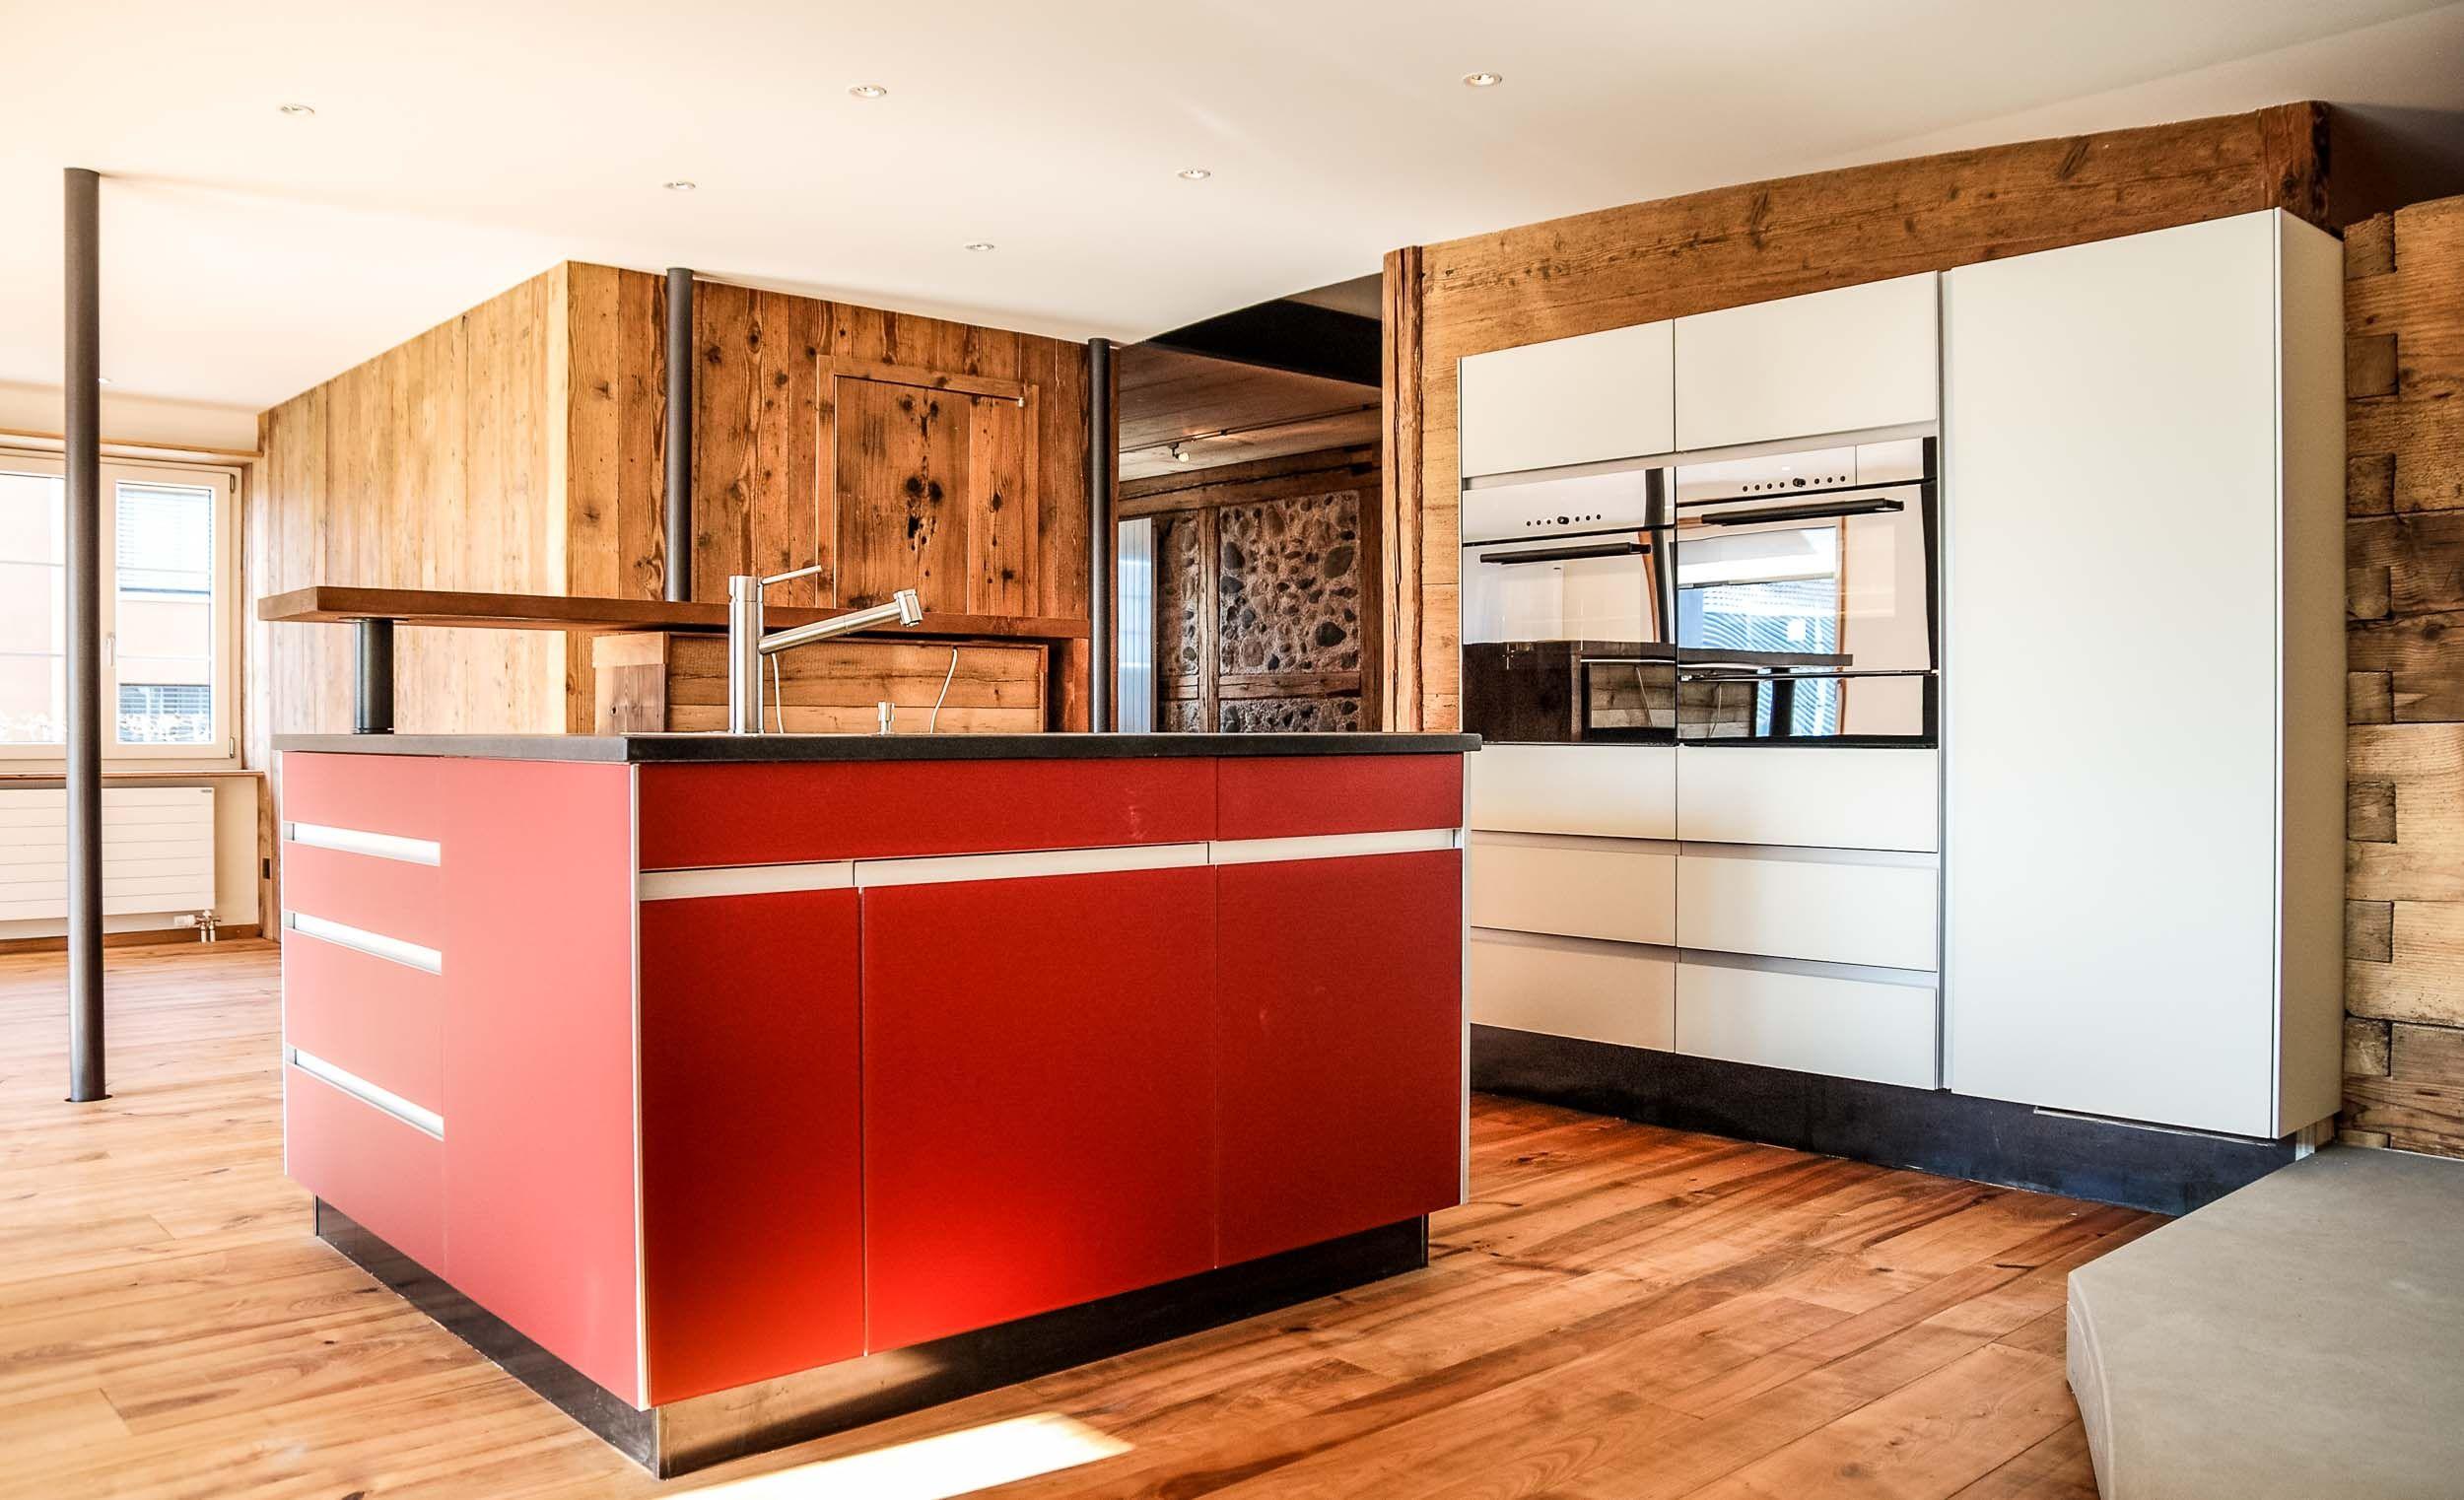 umbau bauernhaus uster gestaltung k che und einbettung. Black Bedroom Furniture Sets. Home Design Ideas